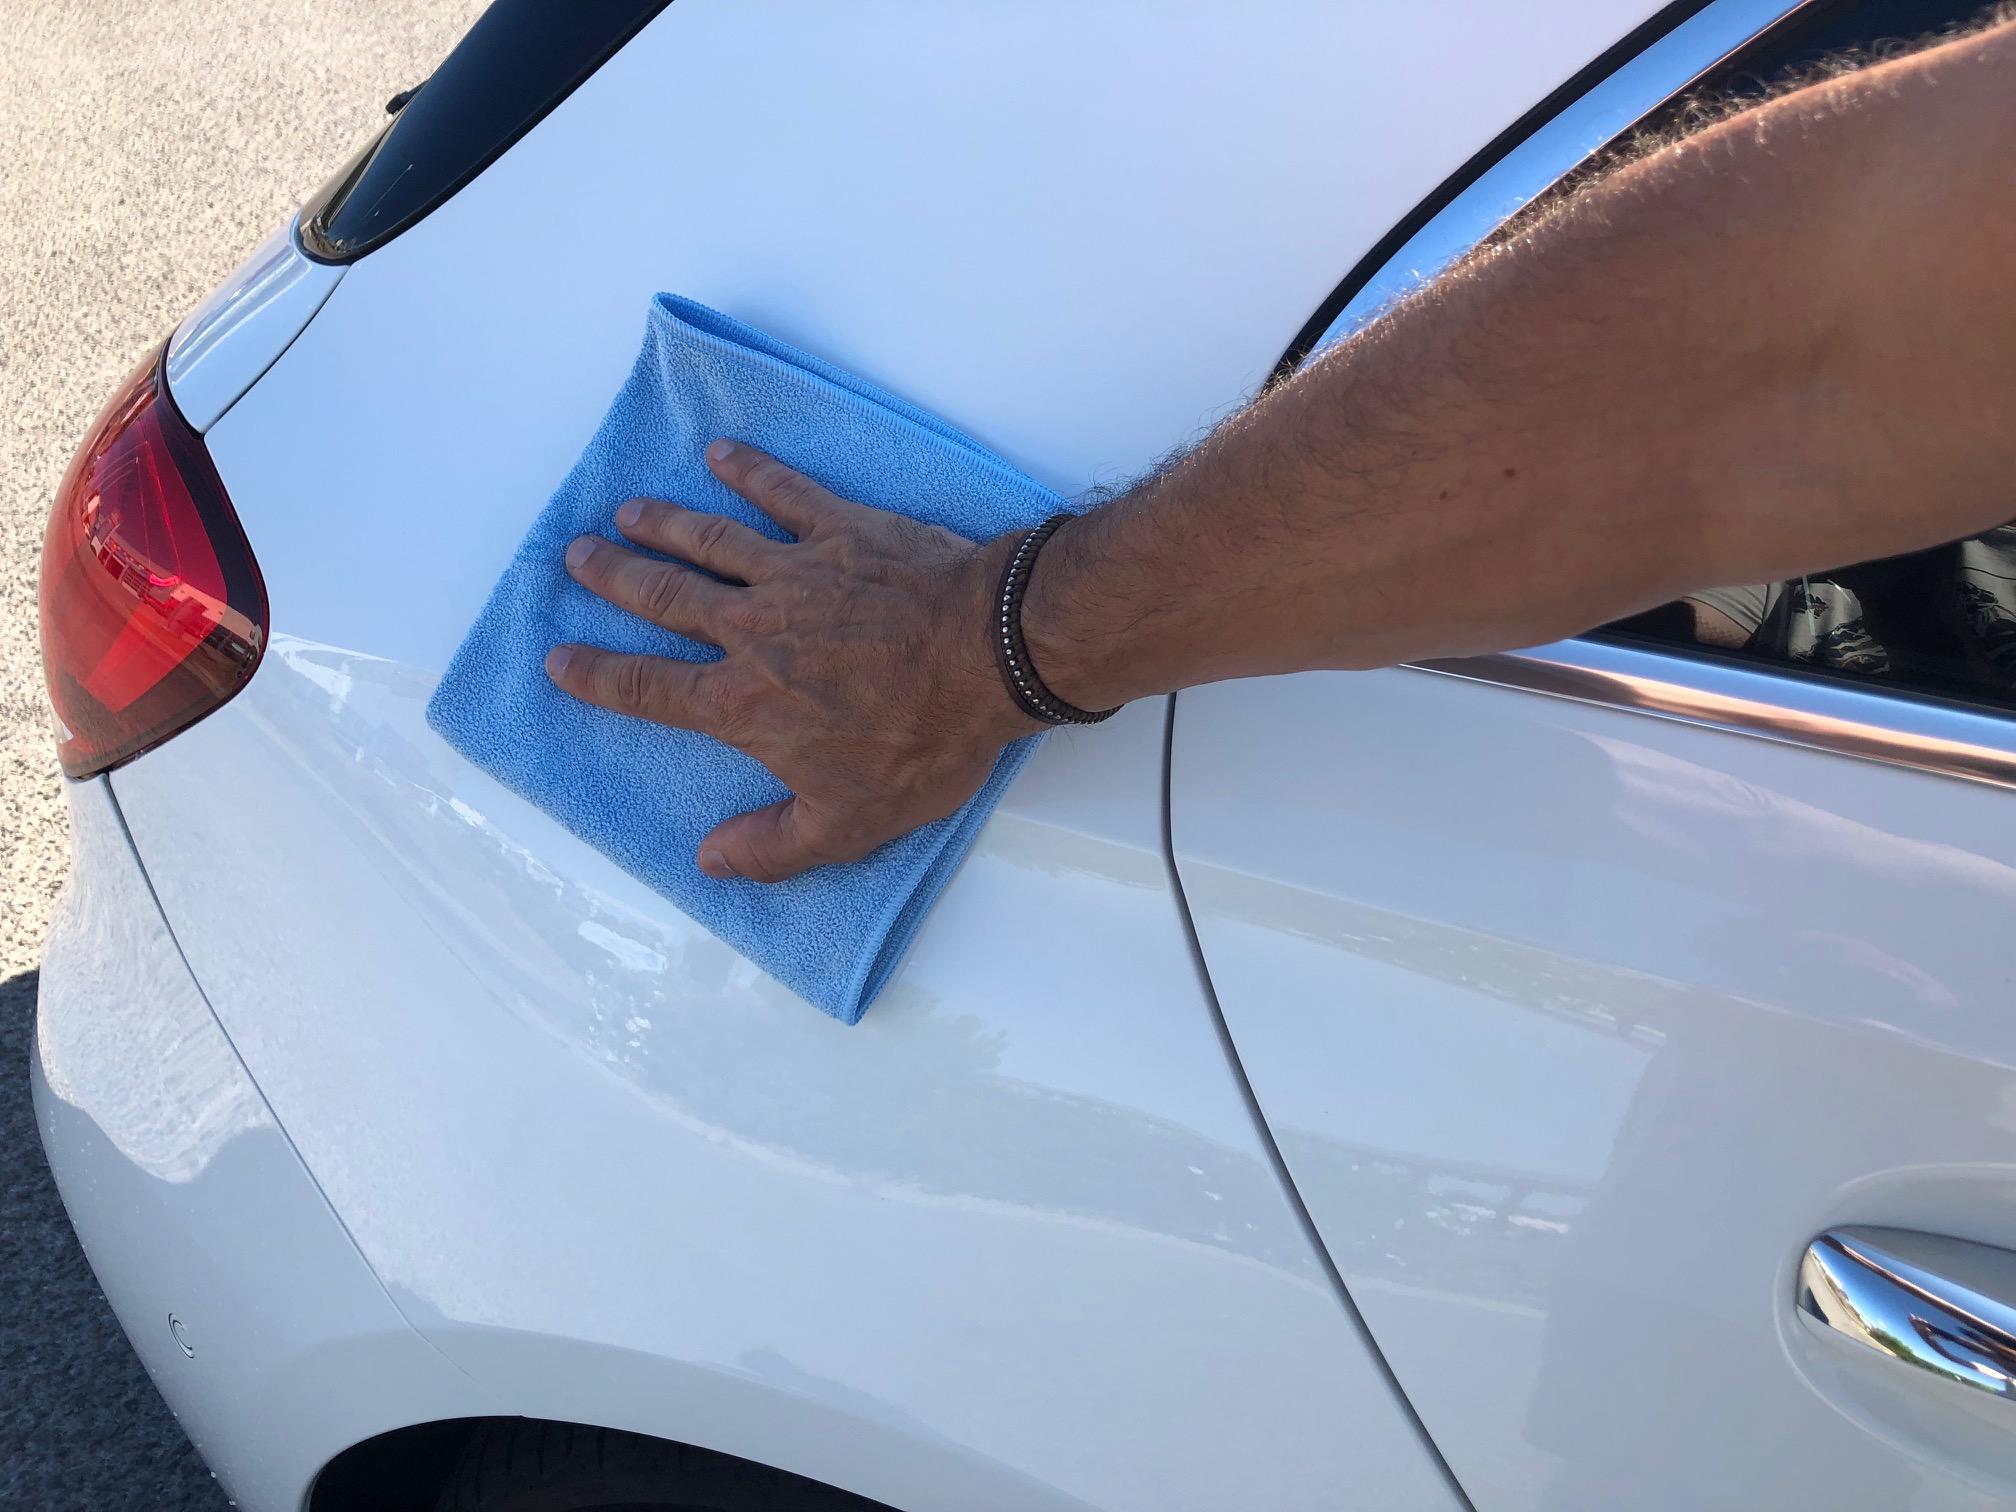 lavage auto personnalisé